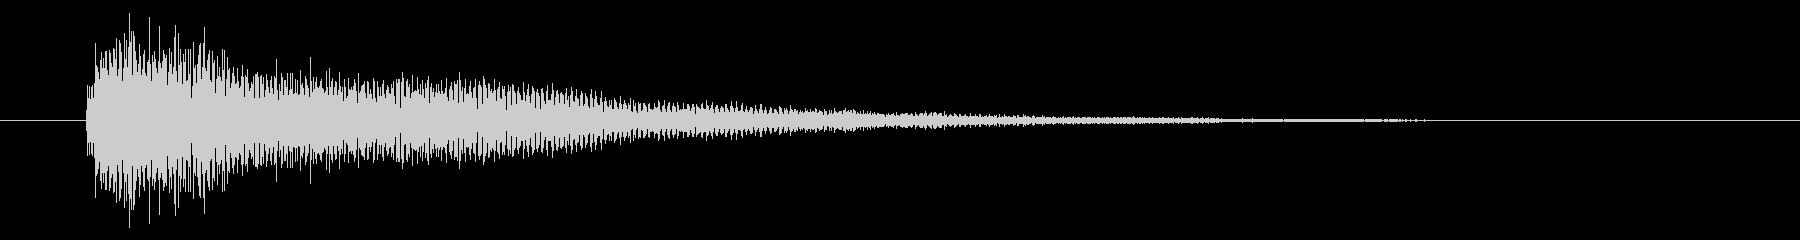 鉱石が製錬されて出来上がる音/カーンの未再生の波形